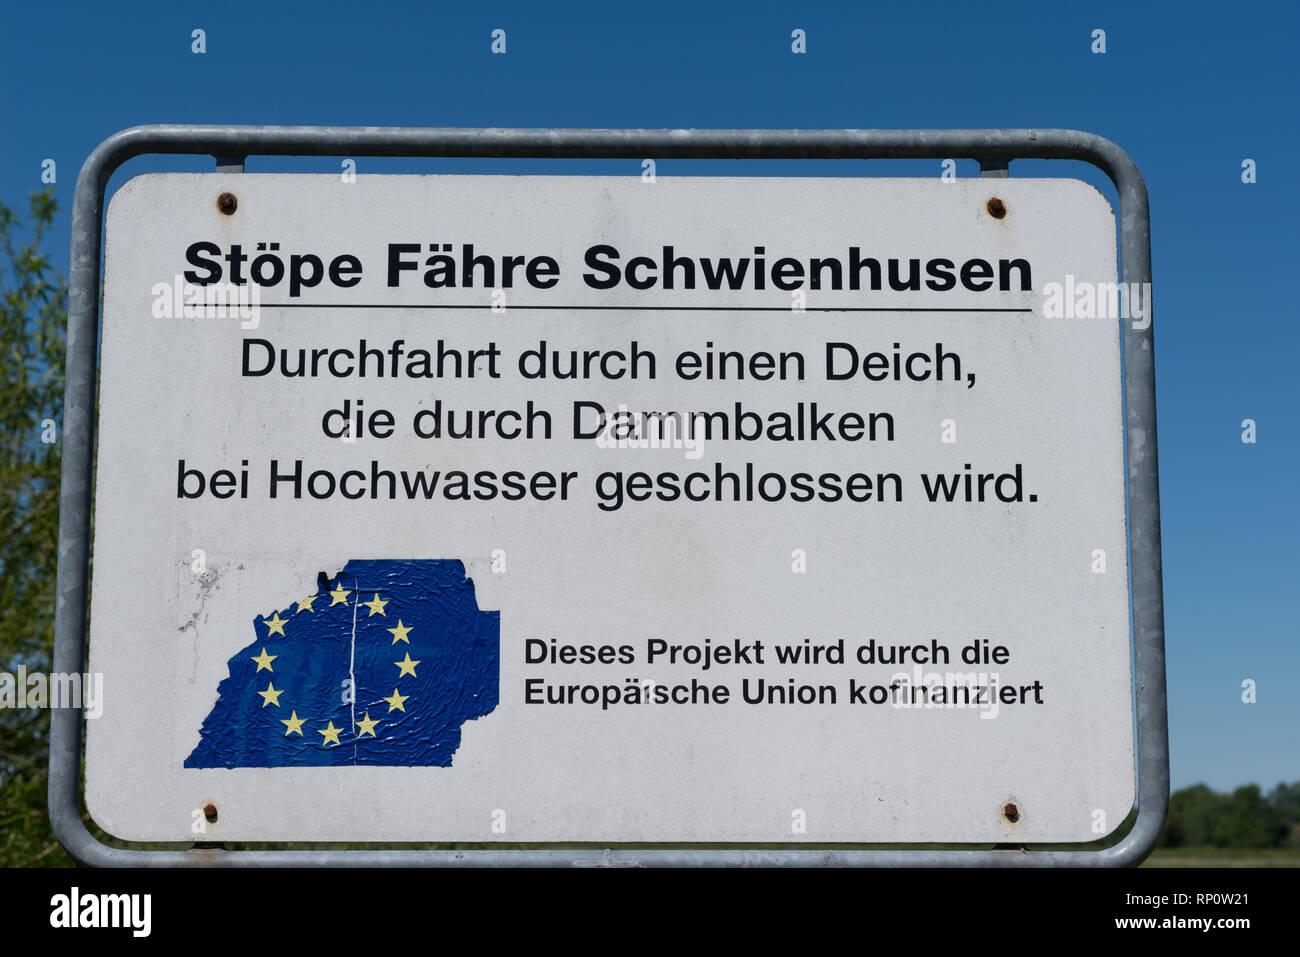 Stöpe im Deich, Alte Eiderquerung,  Faehre Delve - Bargen, Eider-Treene-Sorge-Niederung, Delve, Dithmarschen, Schleswig-Holstein, Deutschland, Germany - Stock Image